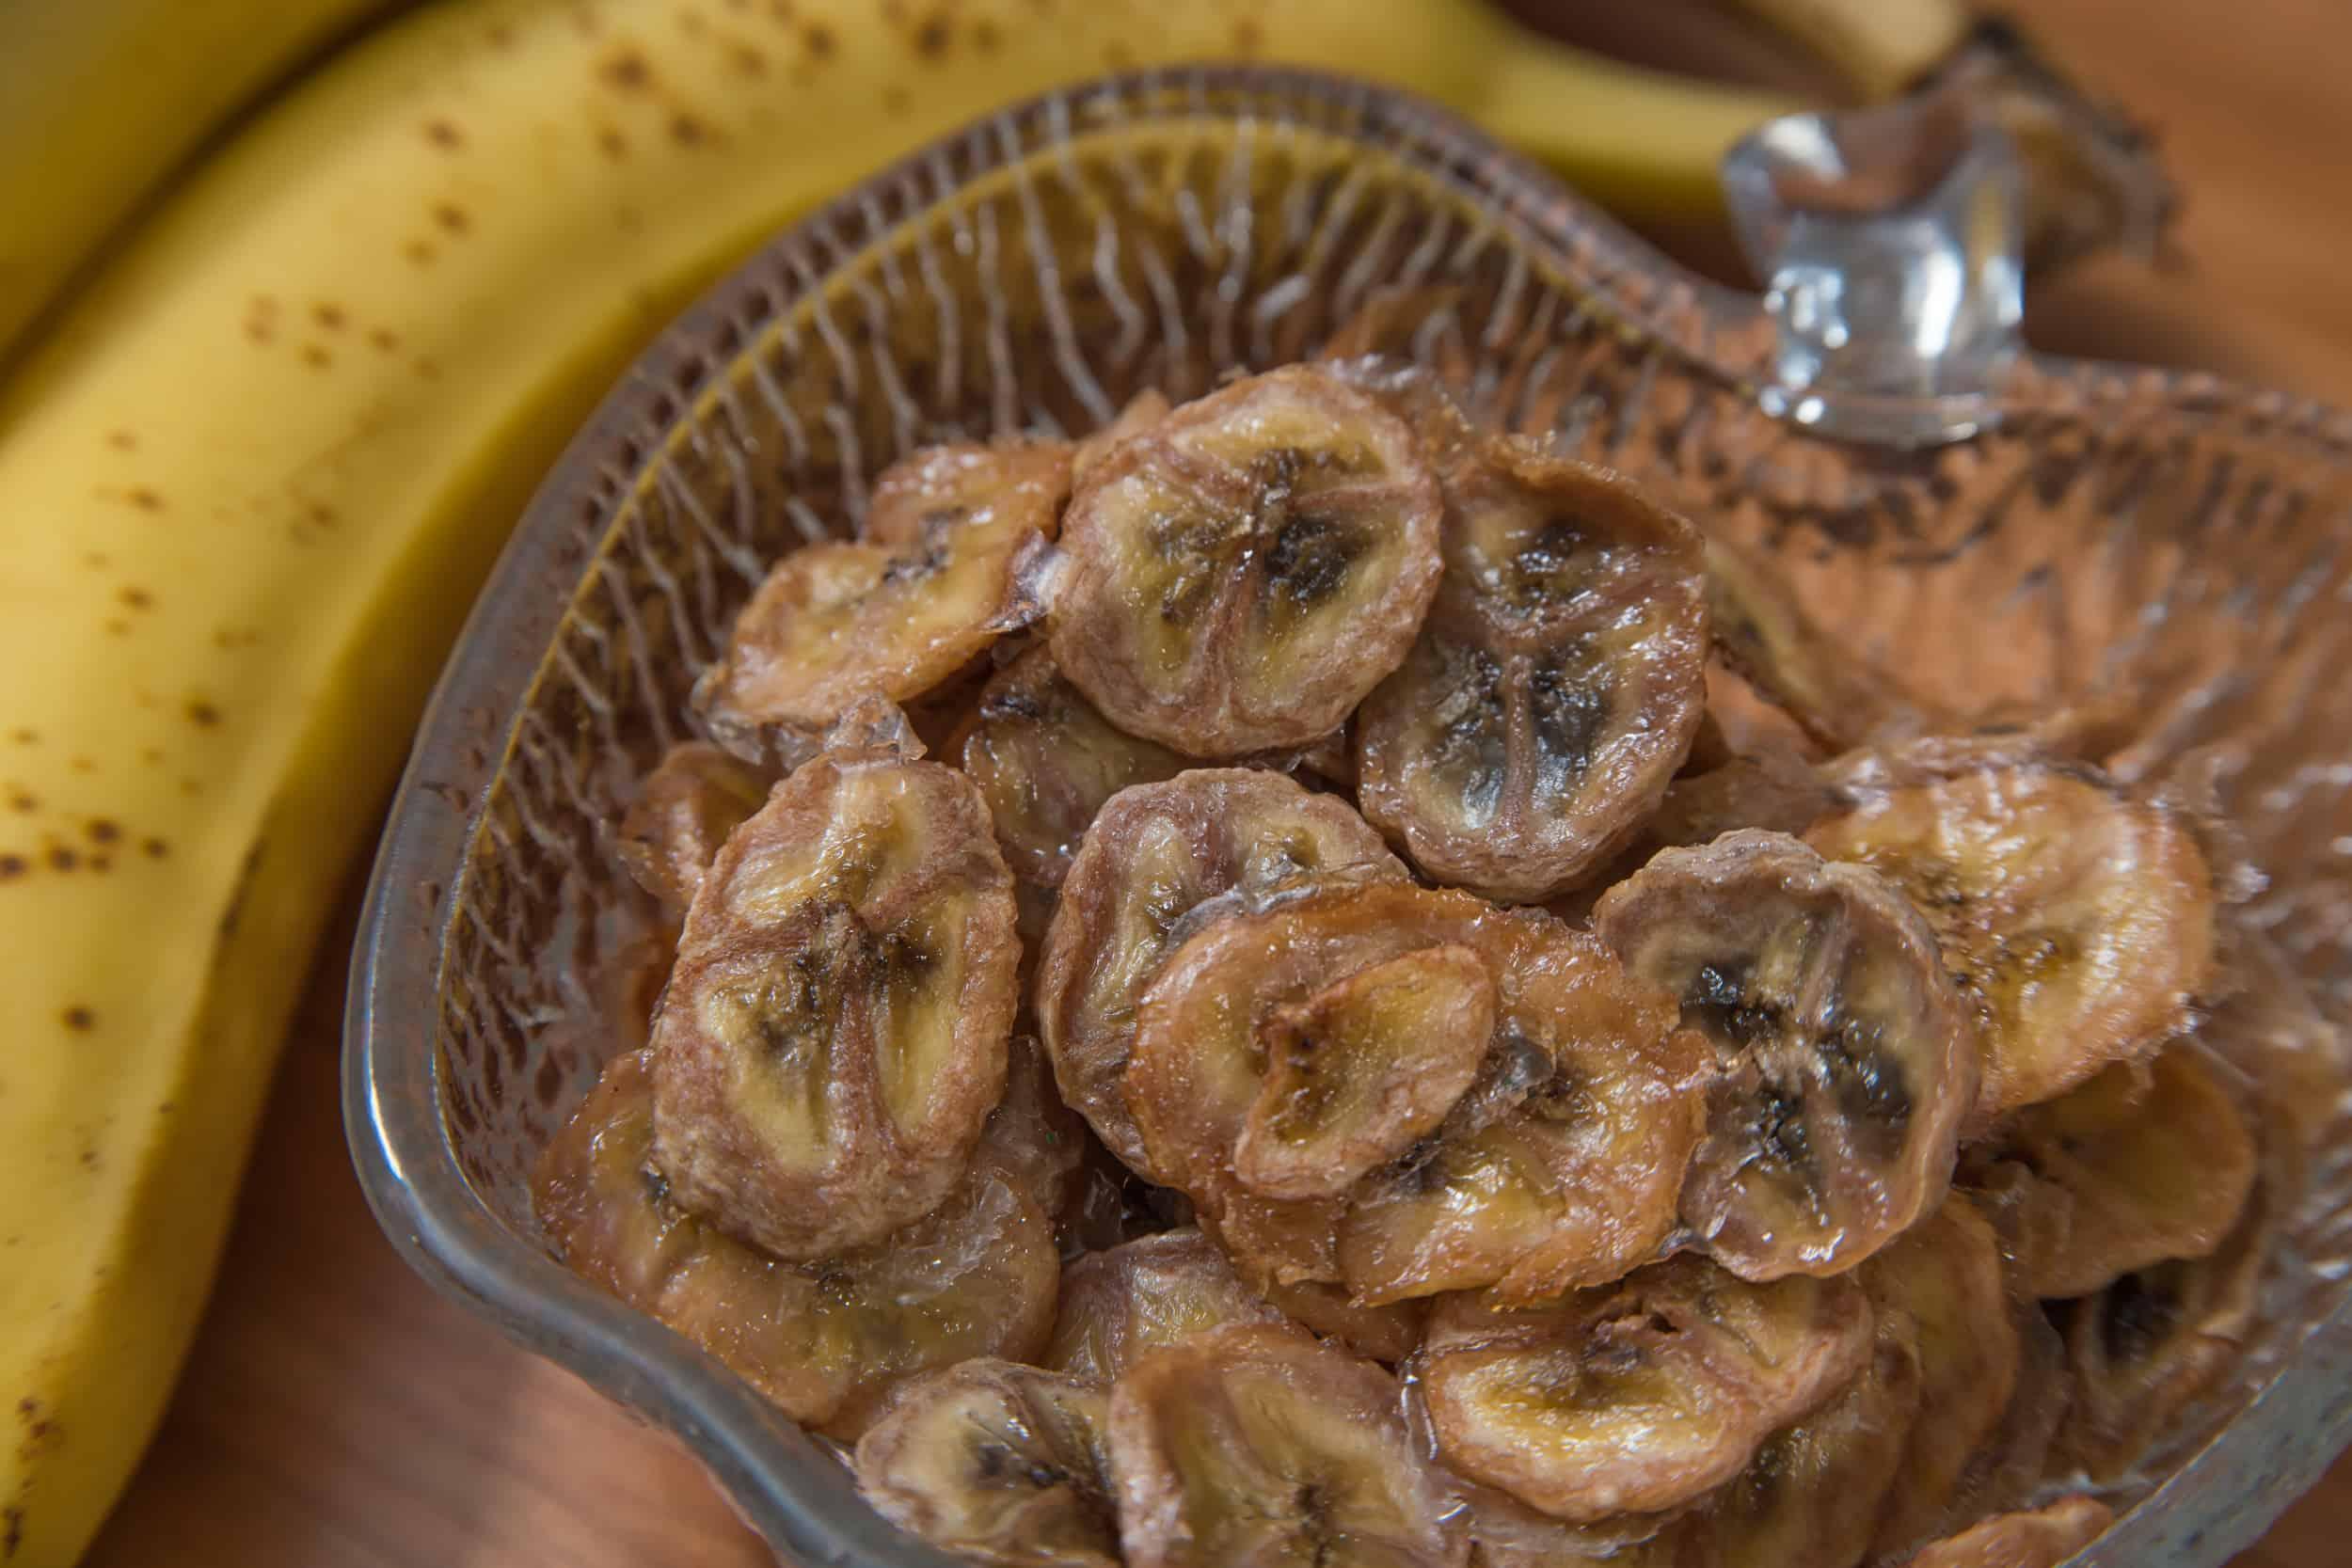 Selbstgemachte Bananenchips in einer Schüssel mit einer Banane